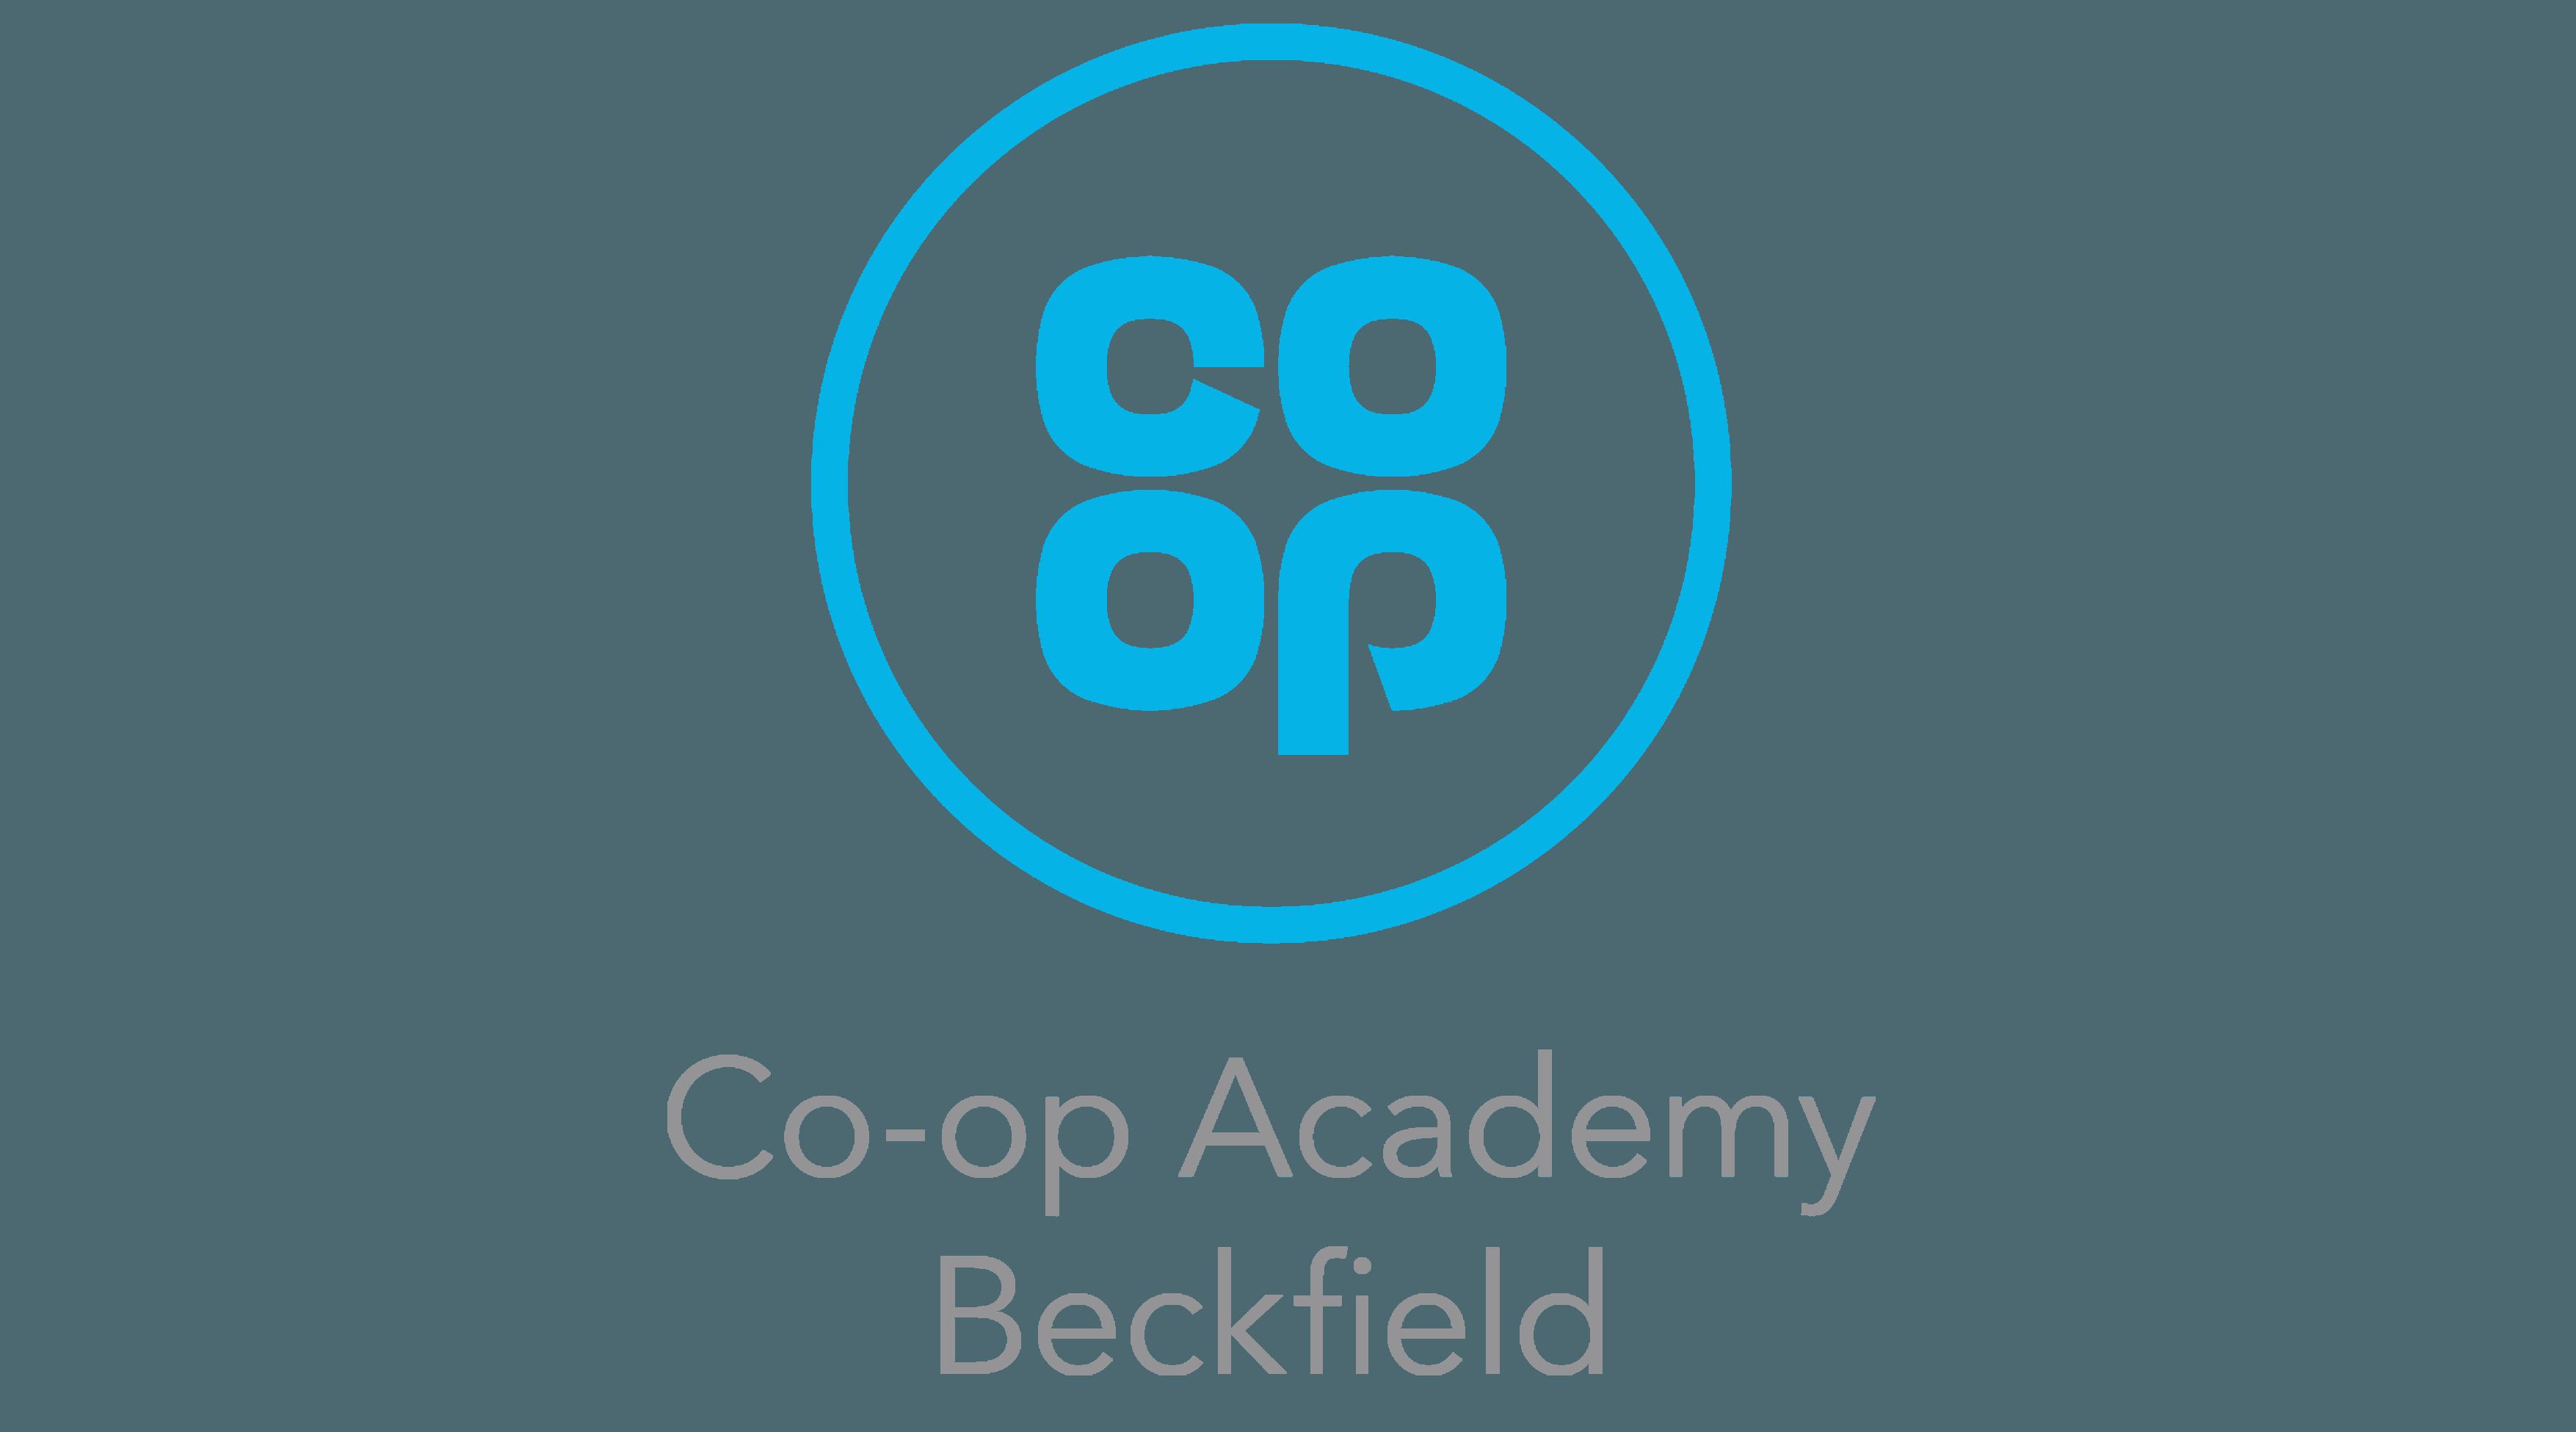 Co-op Academy Beckfield